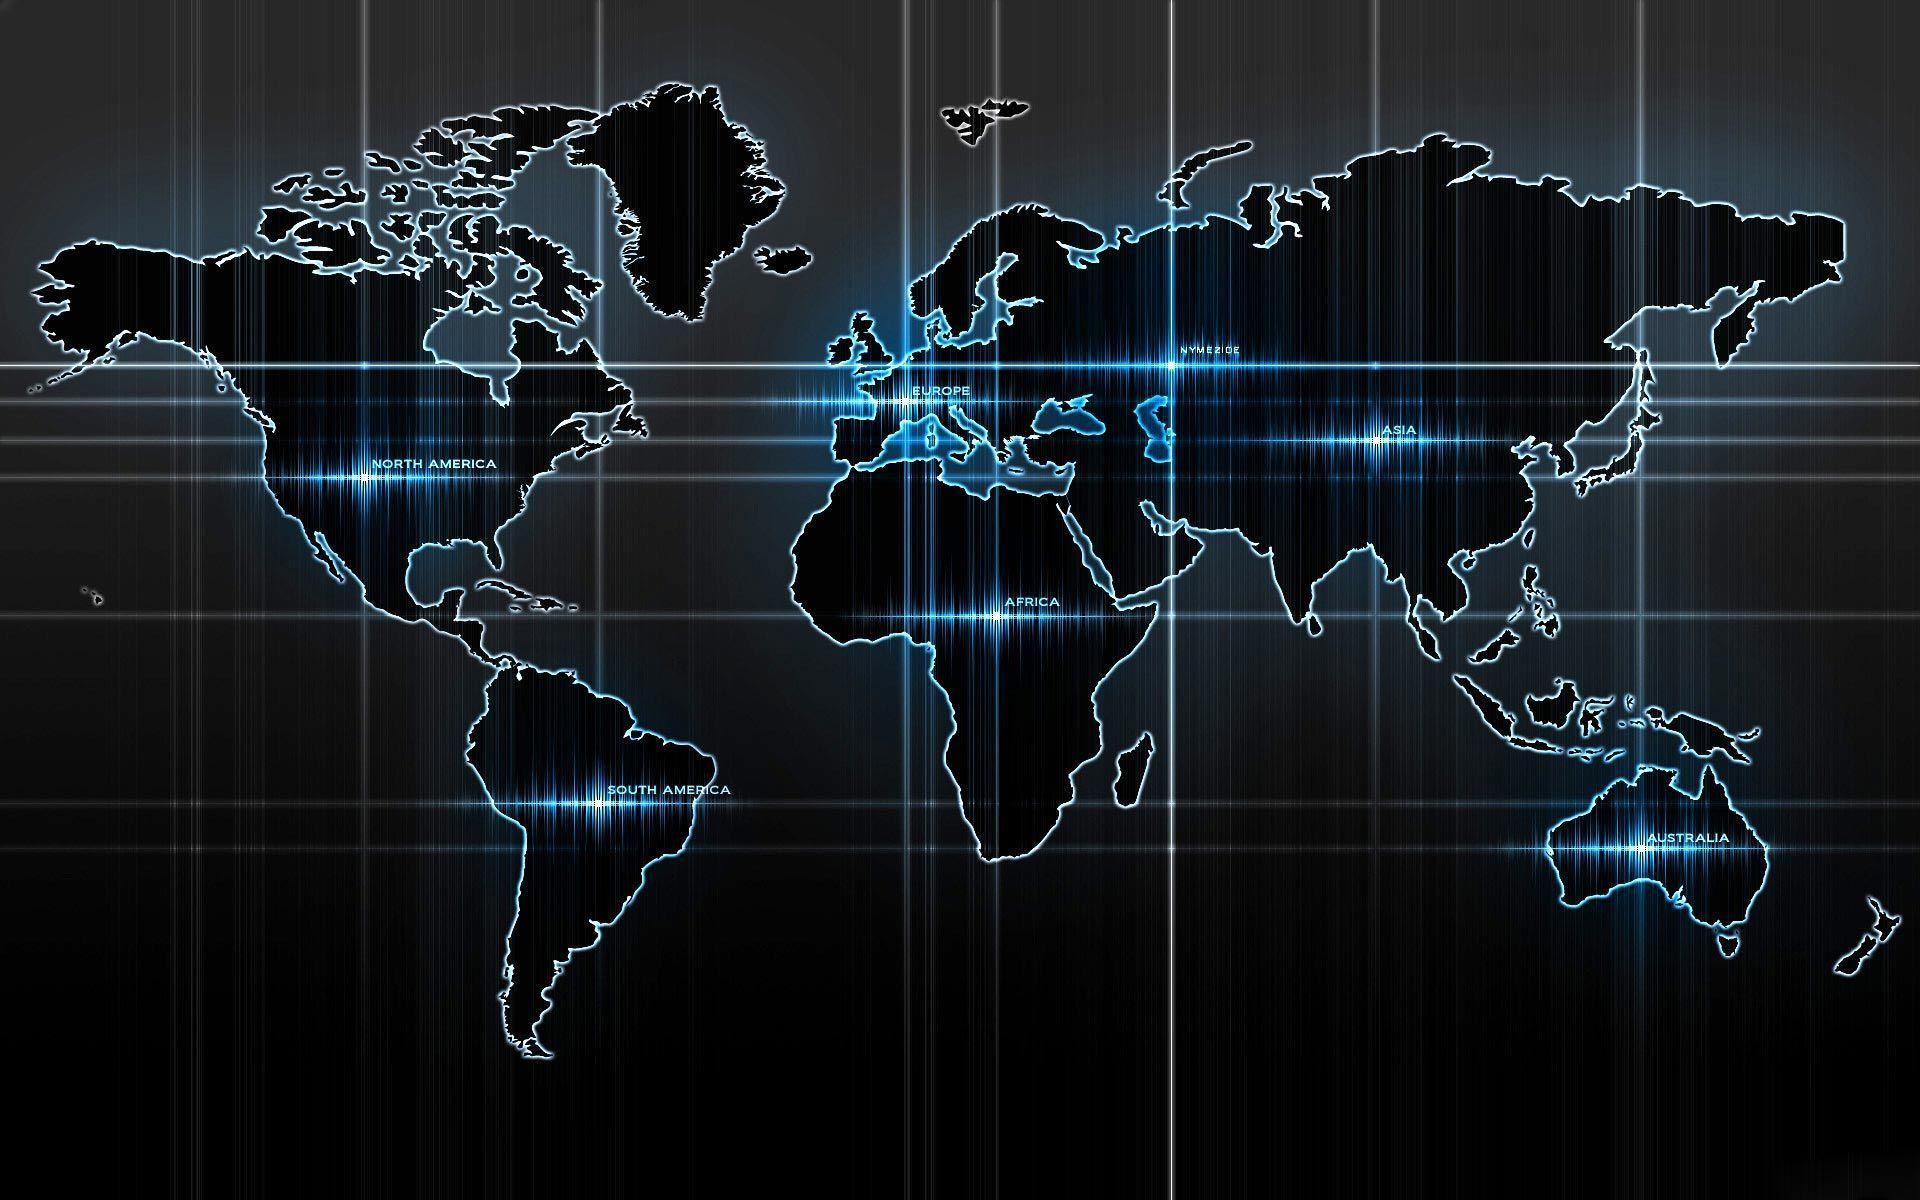 Nền bản đồ thế giới chất lượng cao và đầy cảm hứng 1920x1200